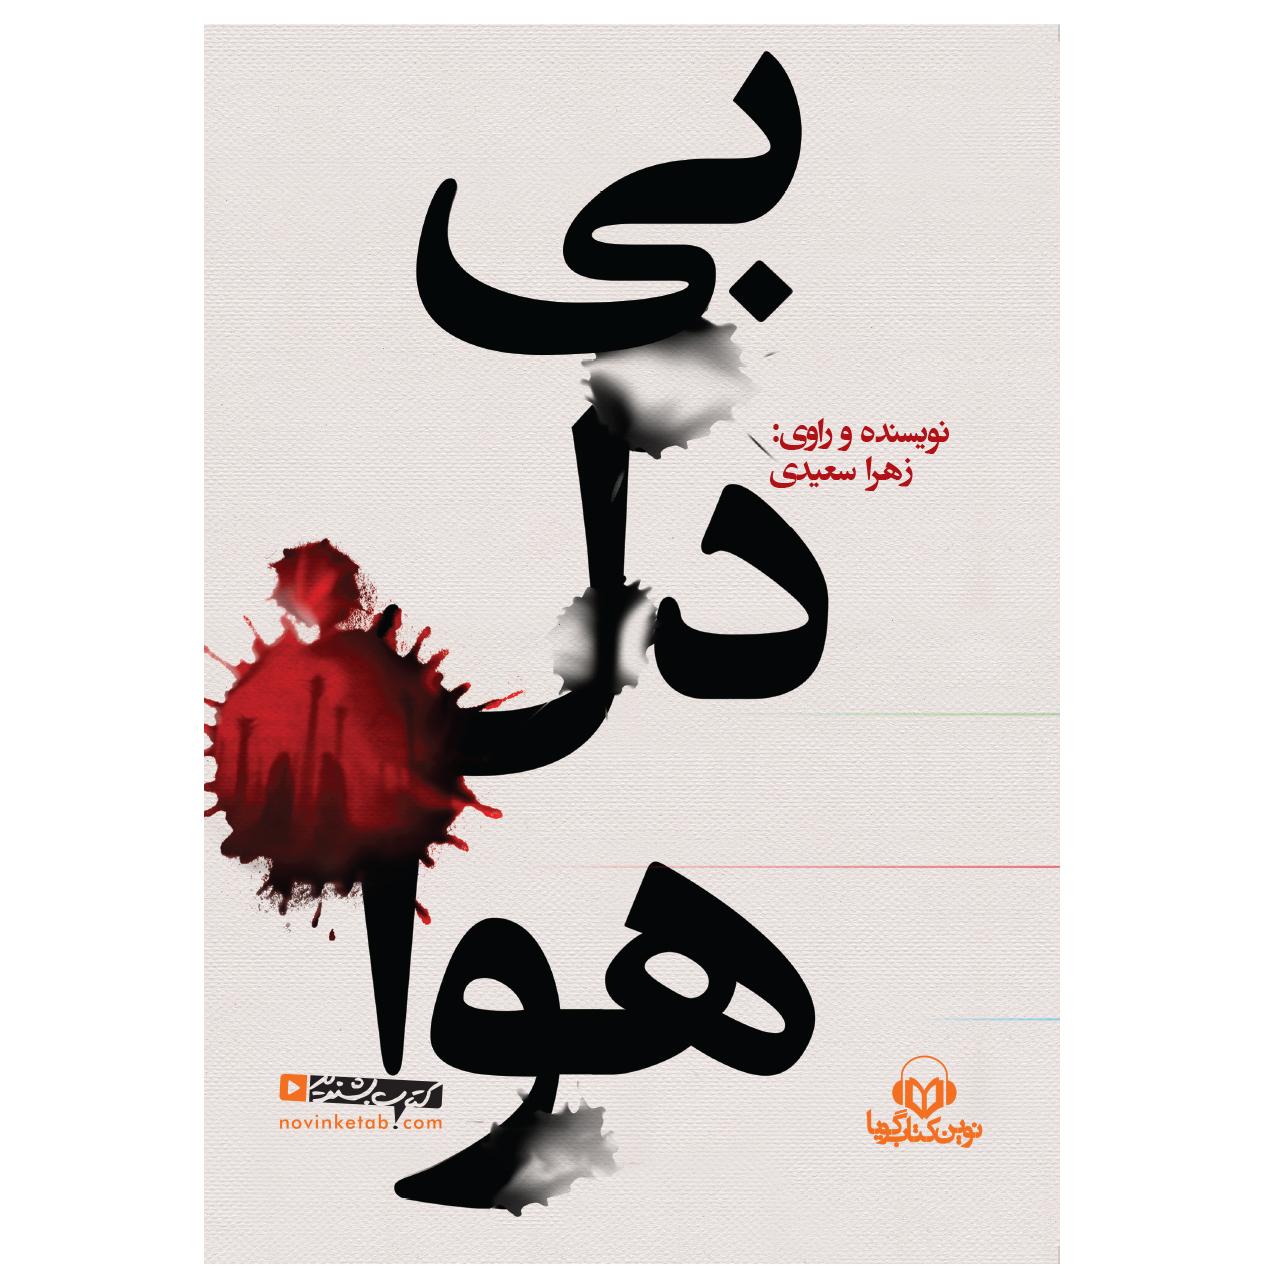 کتاب صوتی بی دل هوا اثر زهرا سعیدی